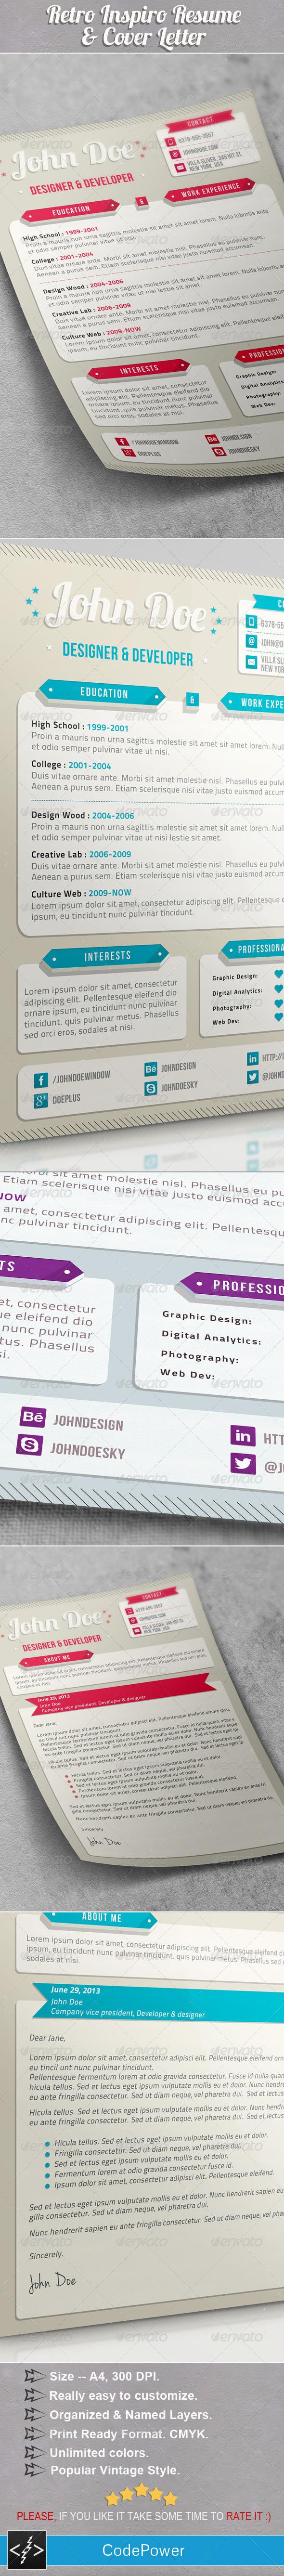 GraphicRiver Retro Inspiro Resume & Cover Letter 4657272